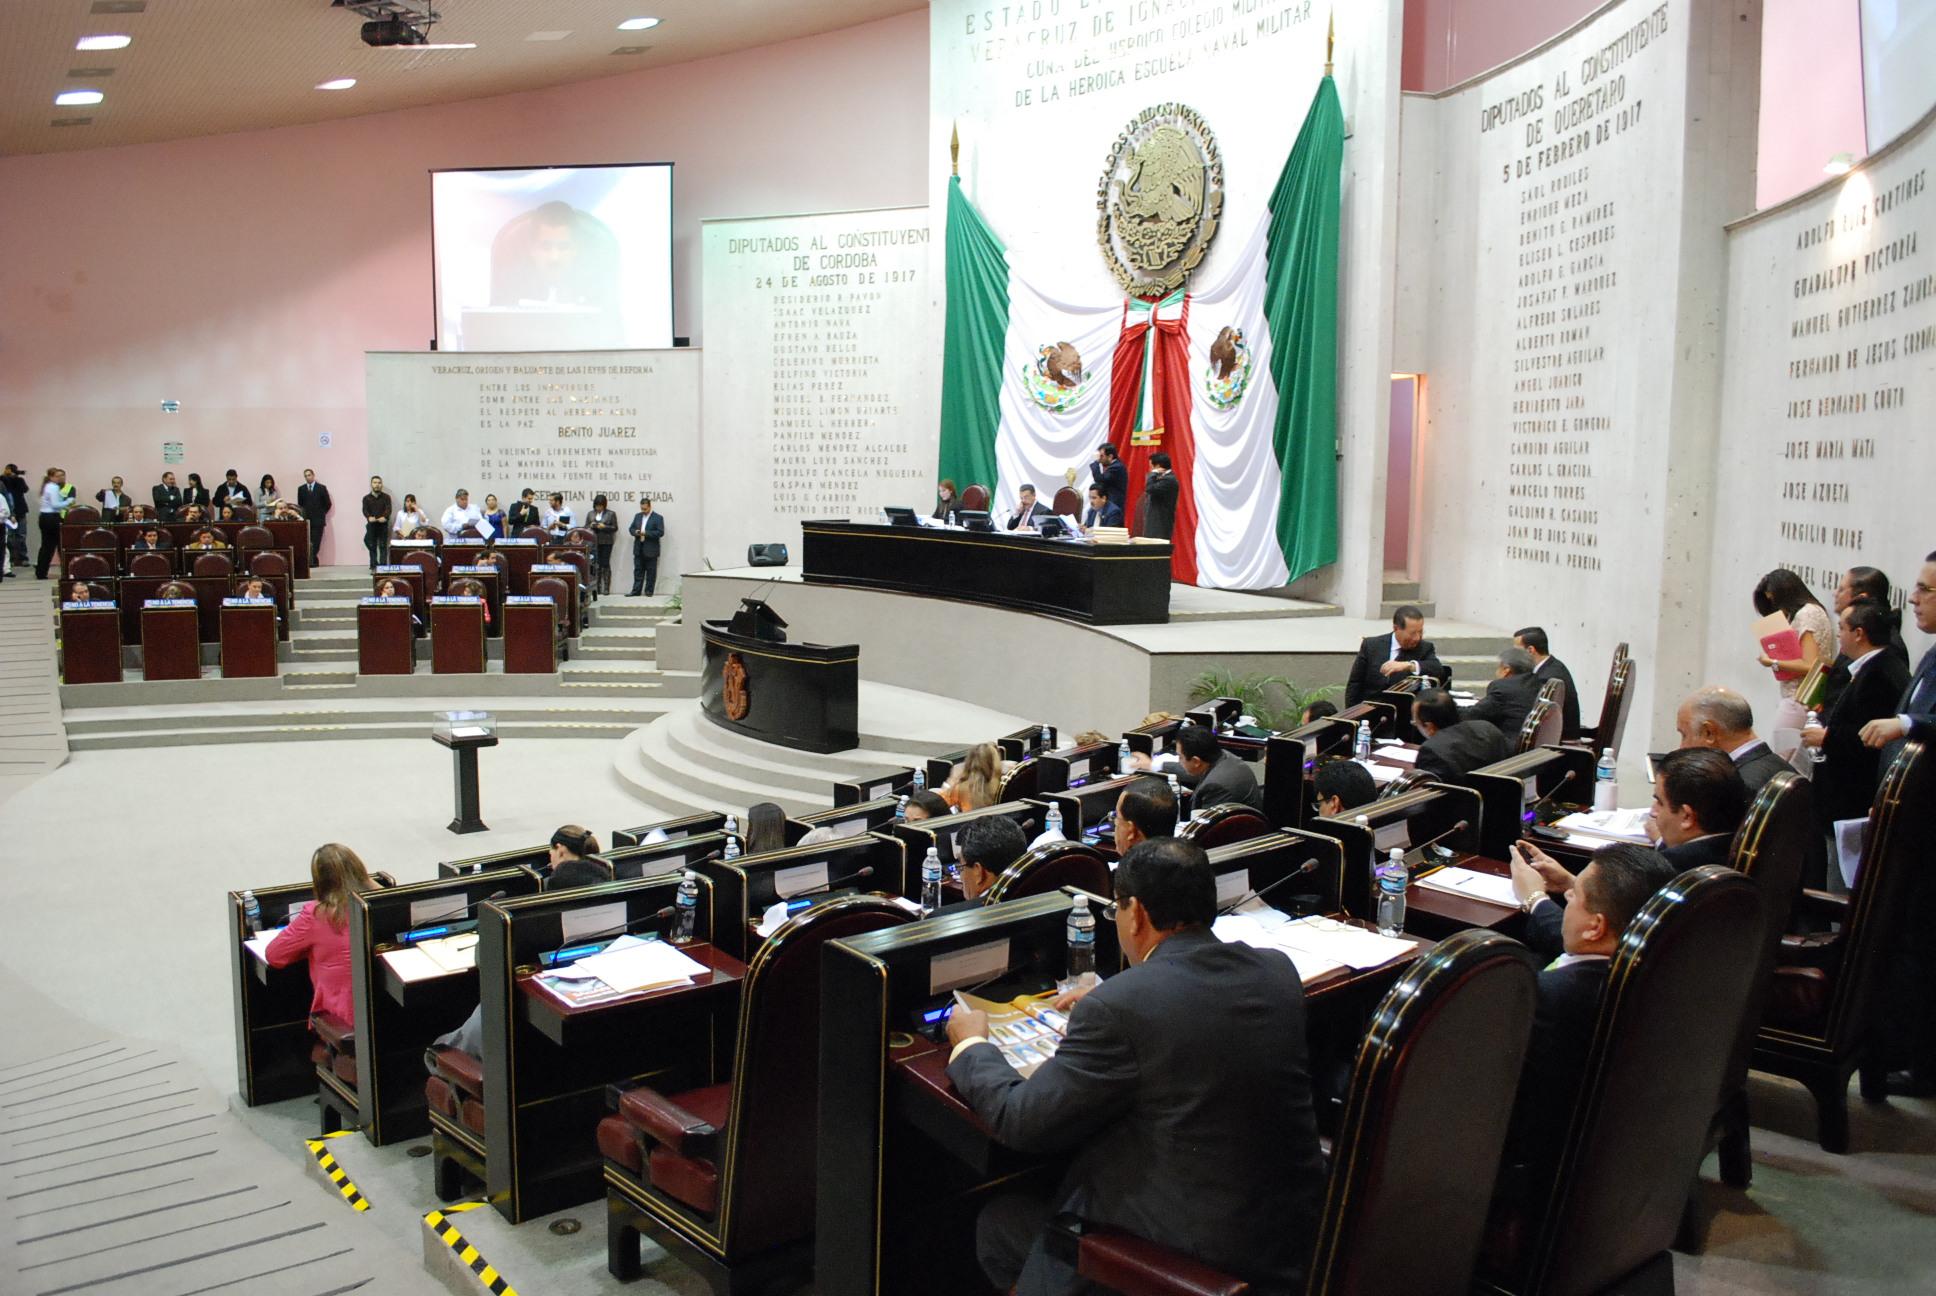 Iniciativa de Ley de Protección Civil y la Reducción del Riesgo de Desastres para el Estado de Veracruz